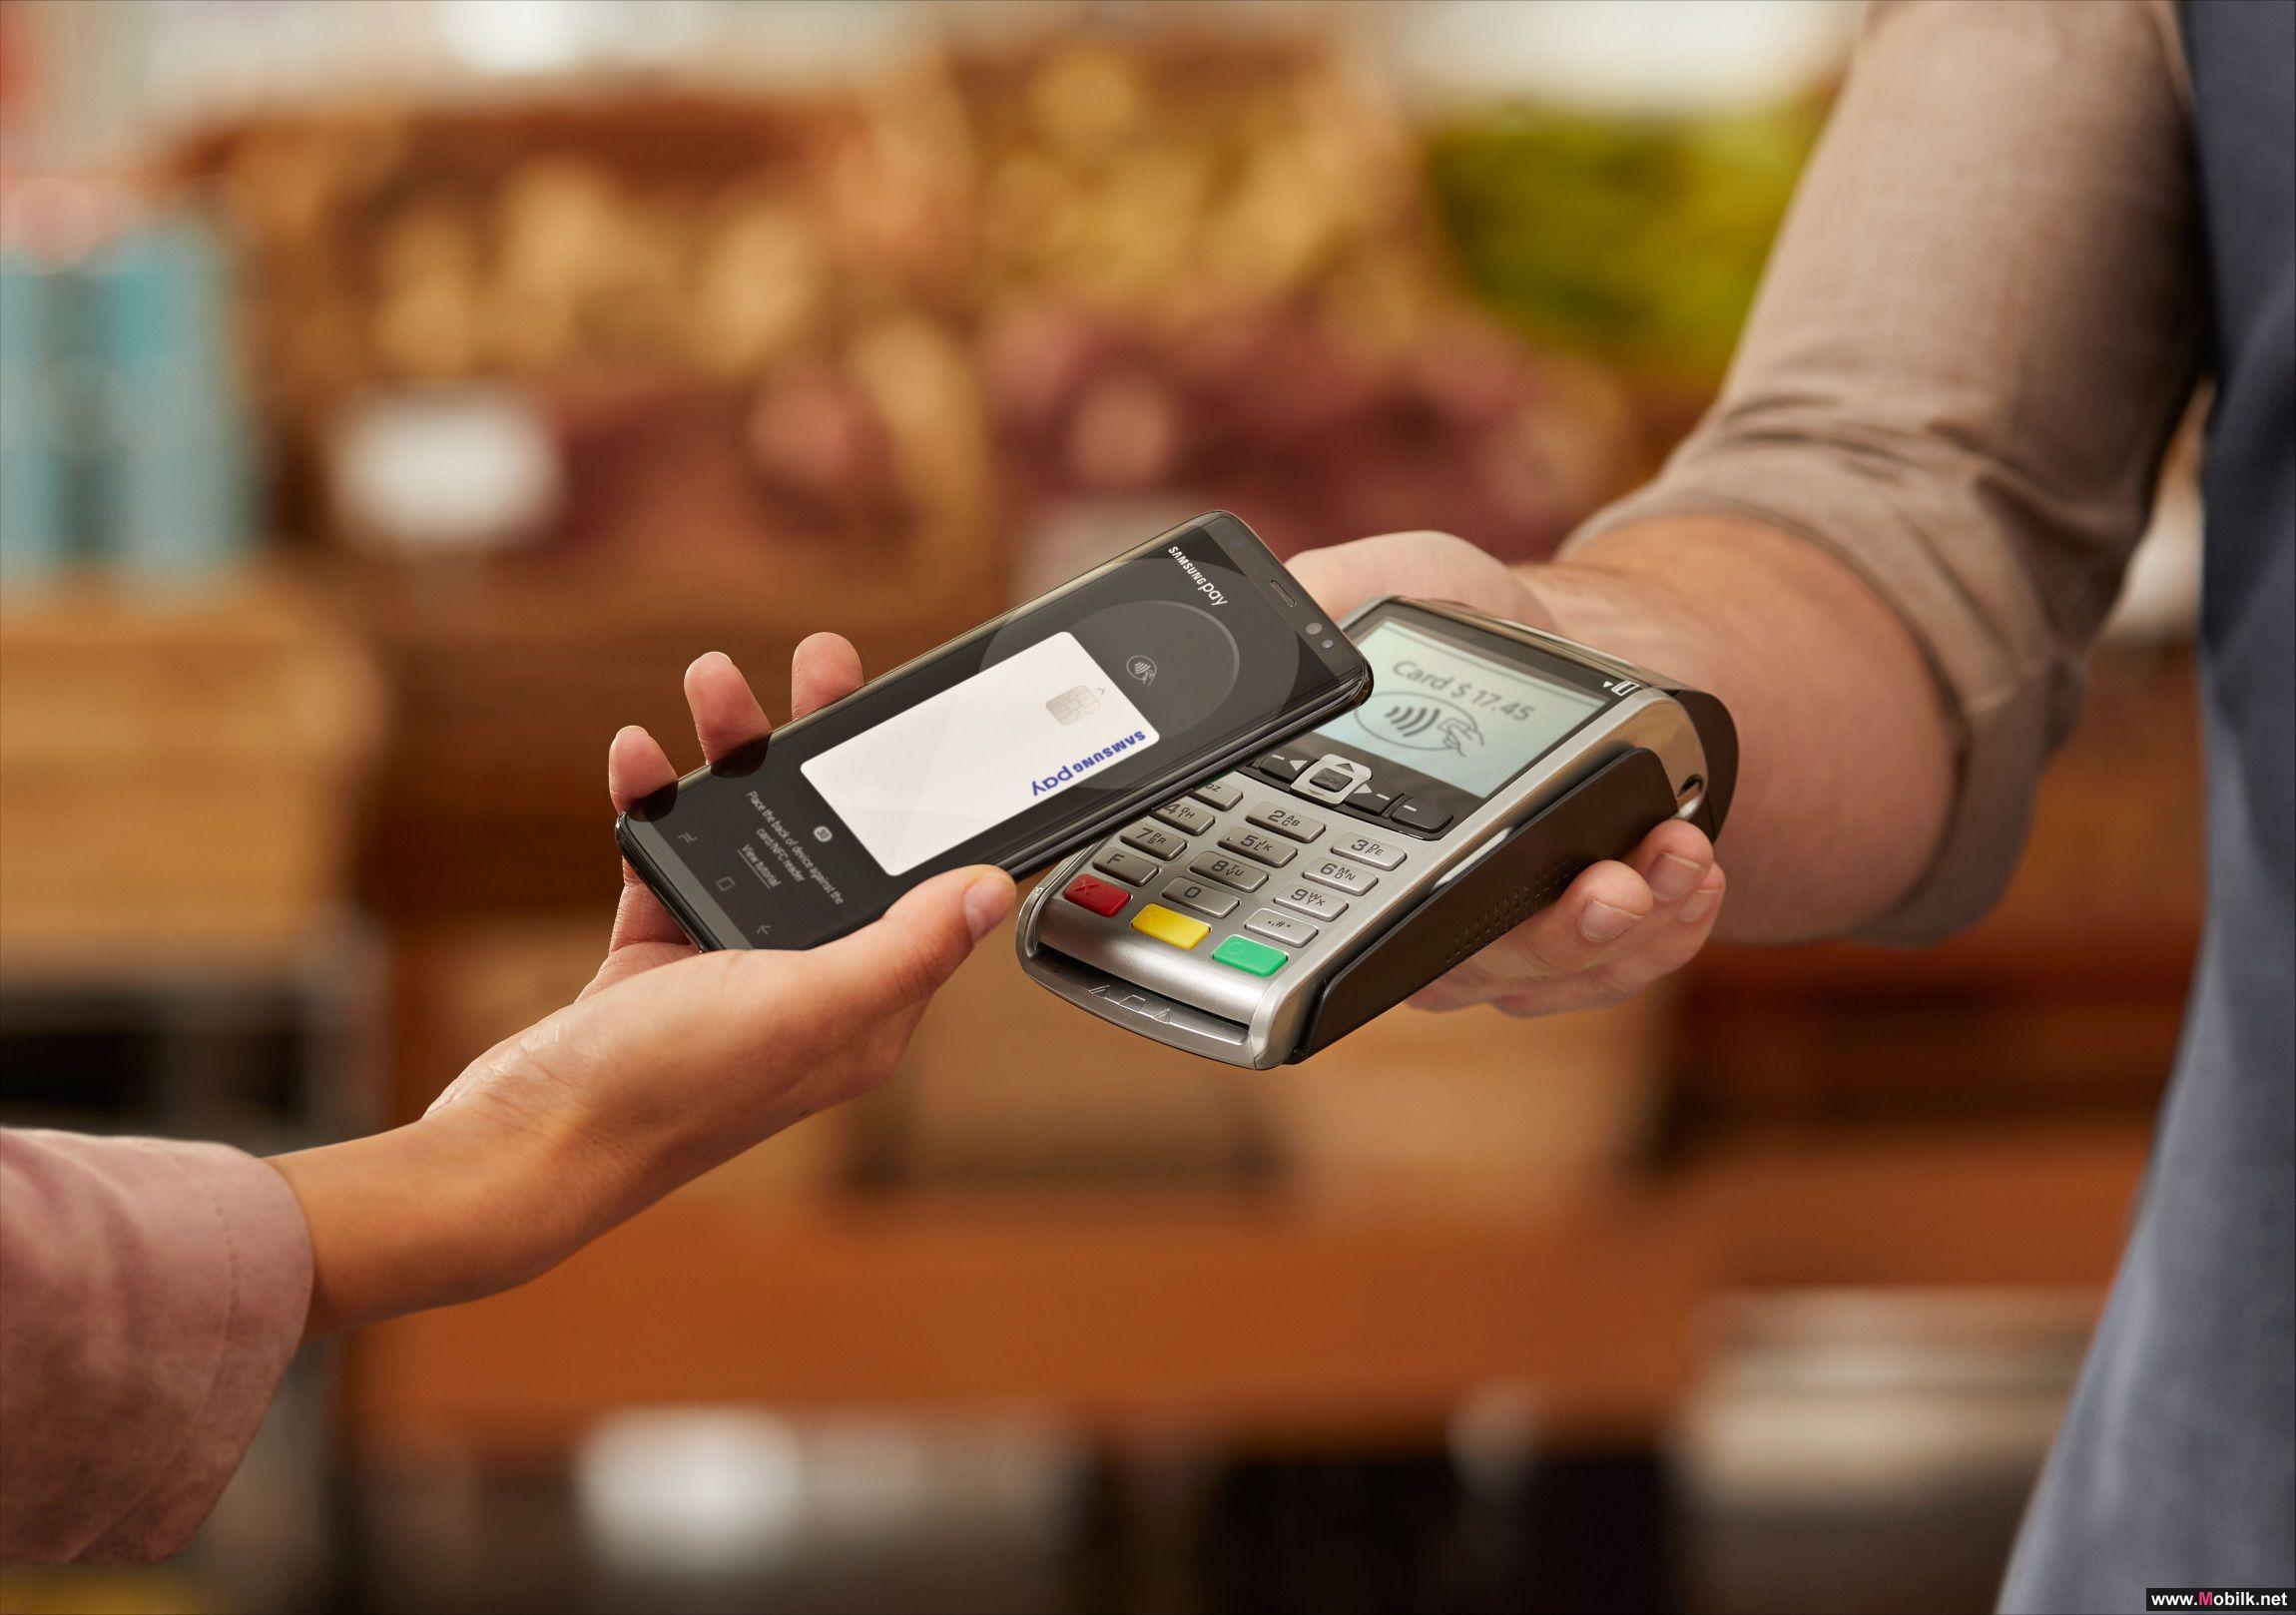 إطلاق قسائم Samsung pay في الإمارات العربية المتحدة